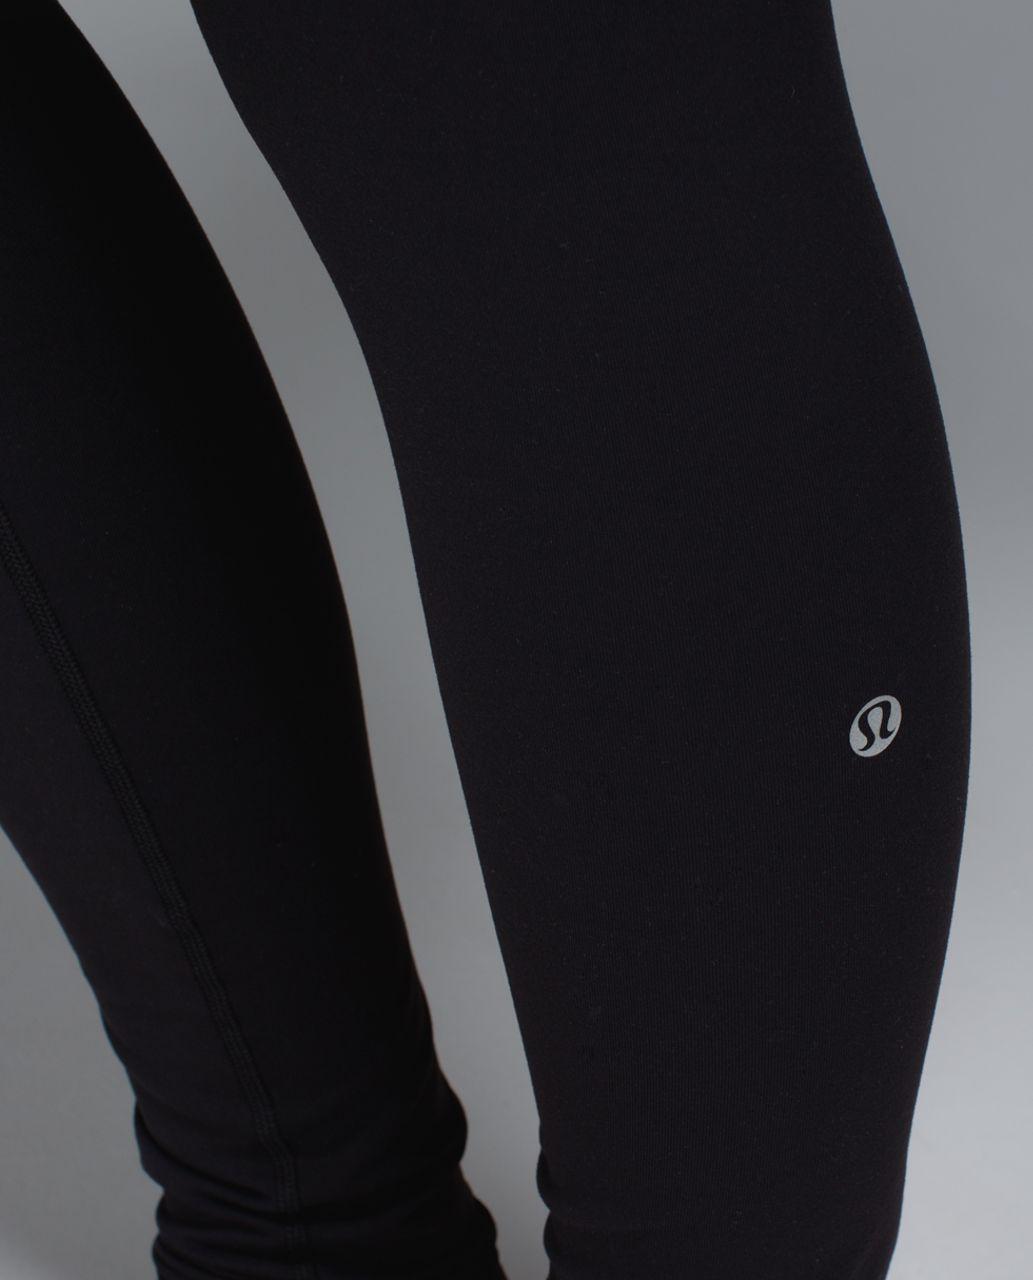 Lululemon Wunder Under Pant *Full-On Luon - Black / Quilt Spring 14-14